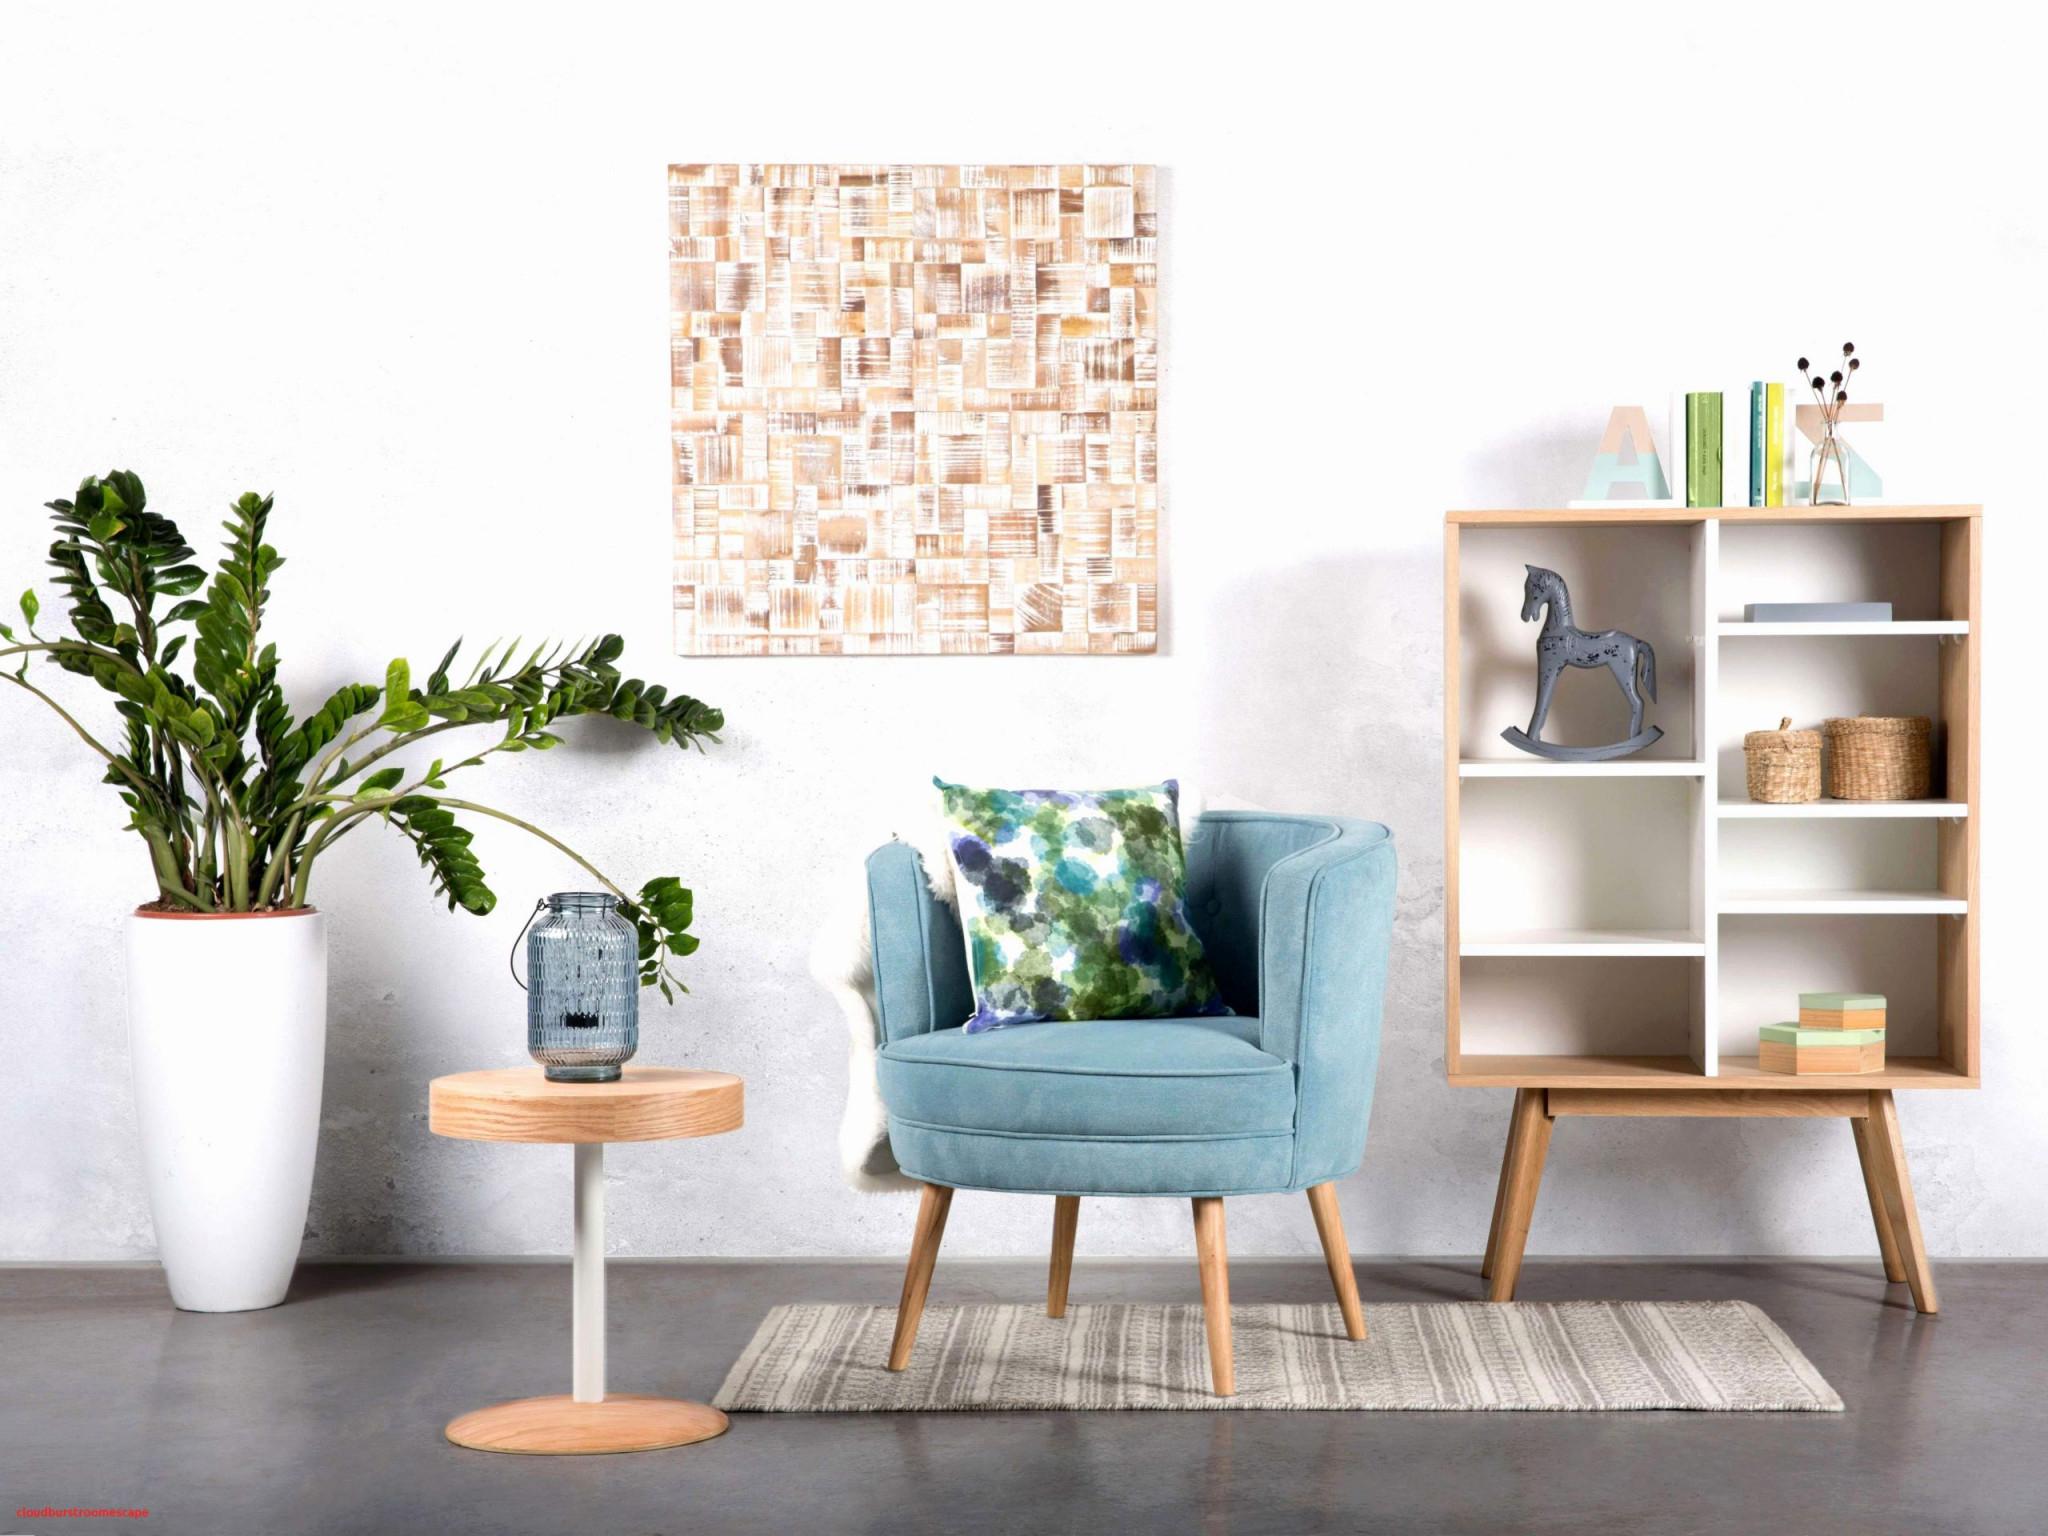 Moderne Wohnzimmer Inspirierend Lampen Wohnzimmer Modern von Moderne Pflanzen Wohnzimmer Bild